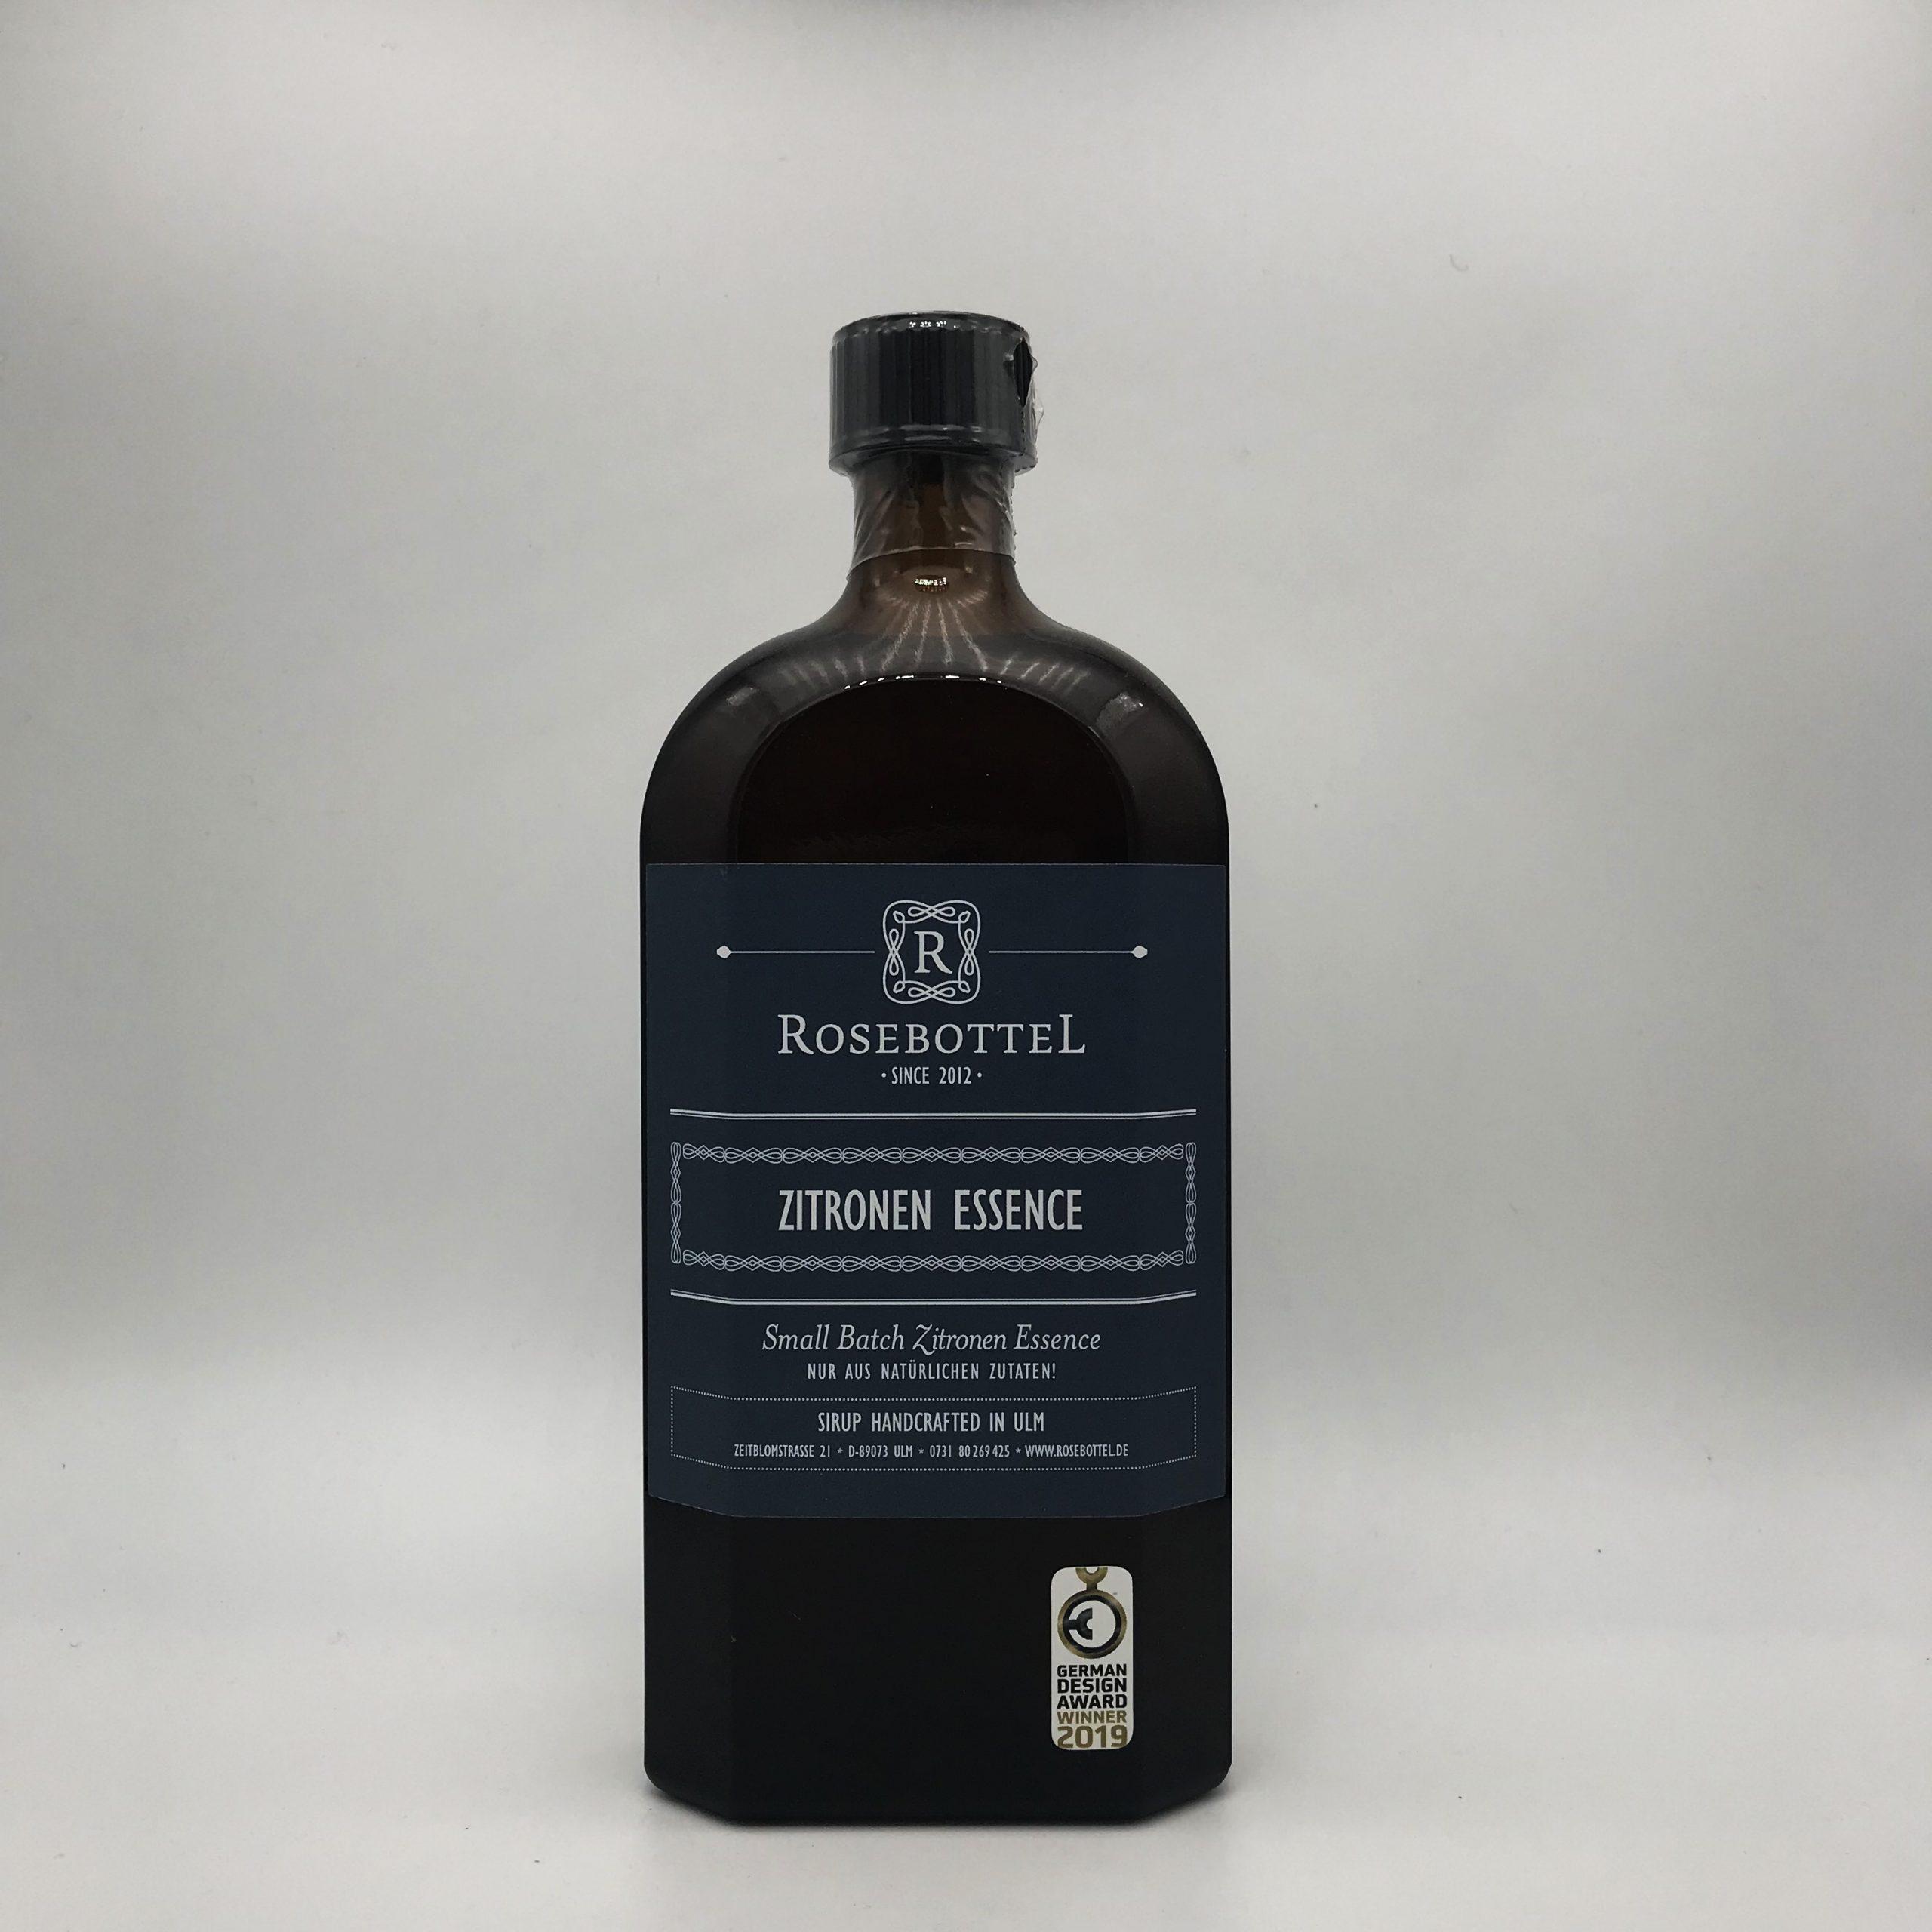 ROSEBOTTEL Zitronen Essence, 0,5 ltr.